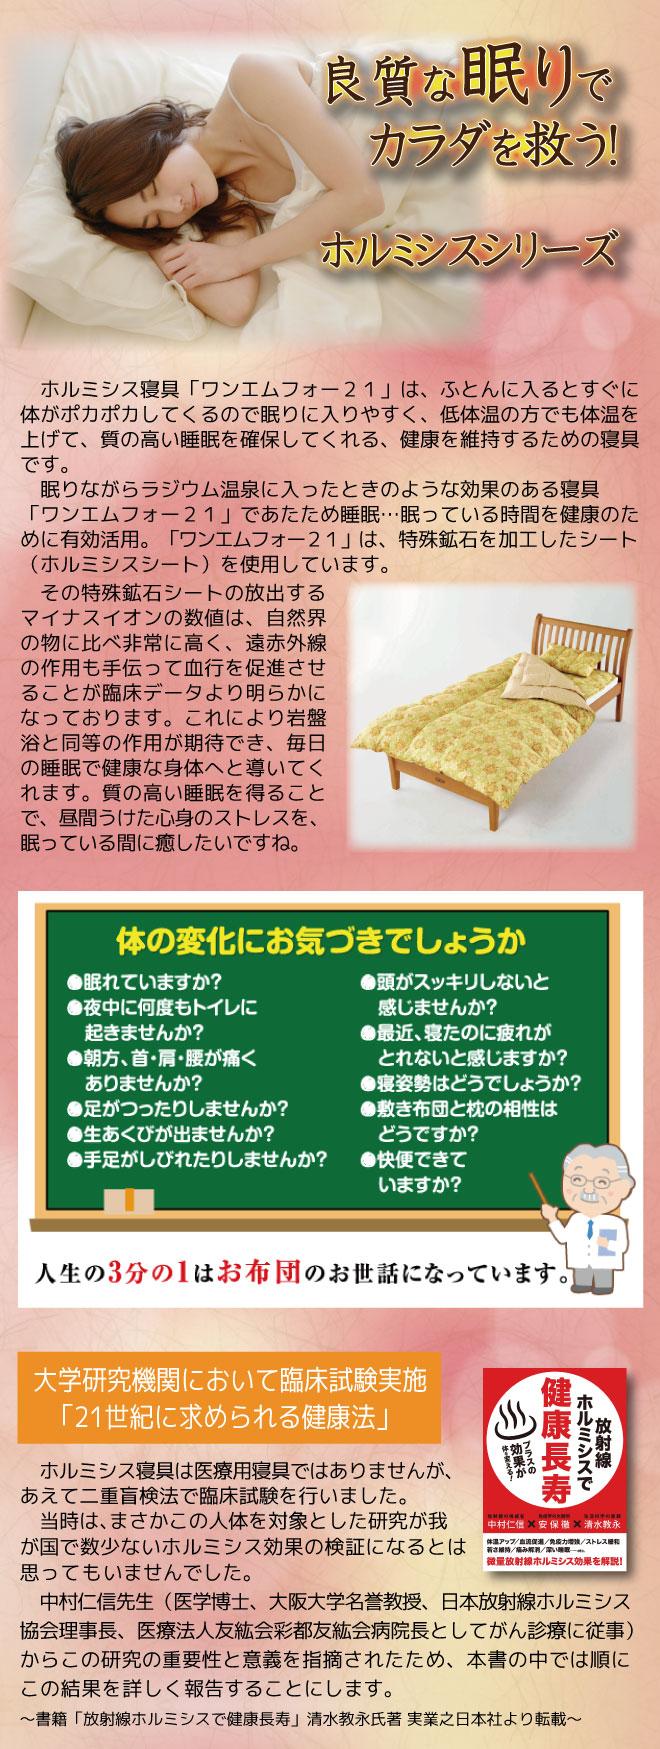 ホルミシス寝具